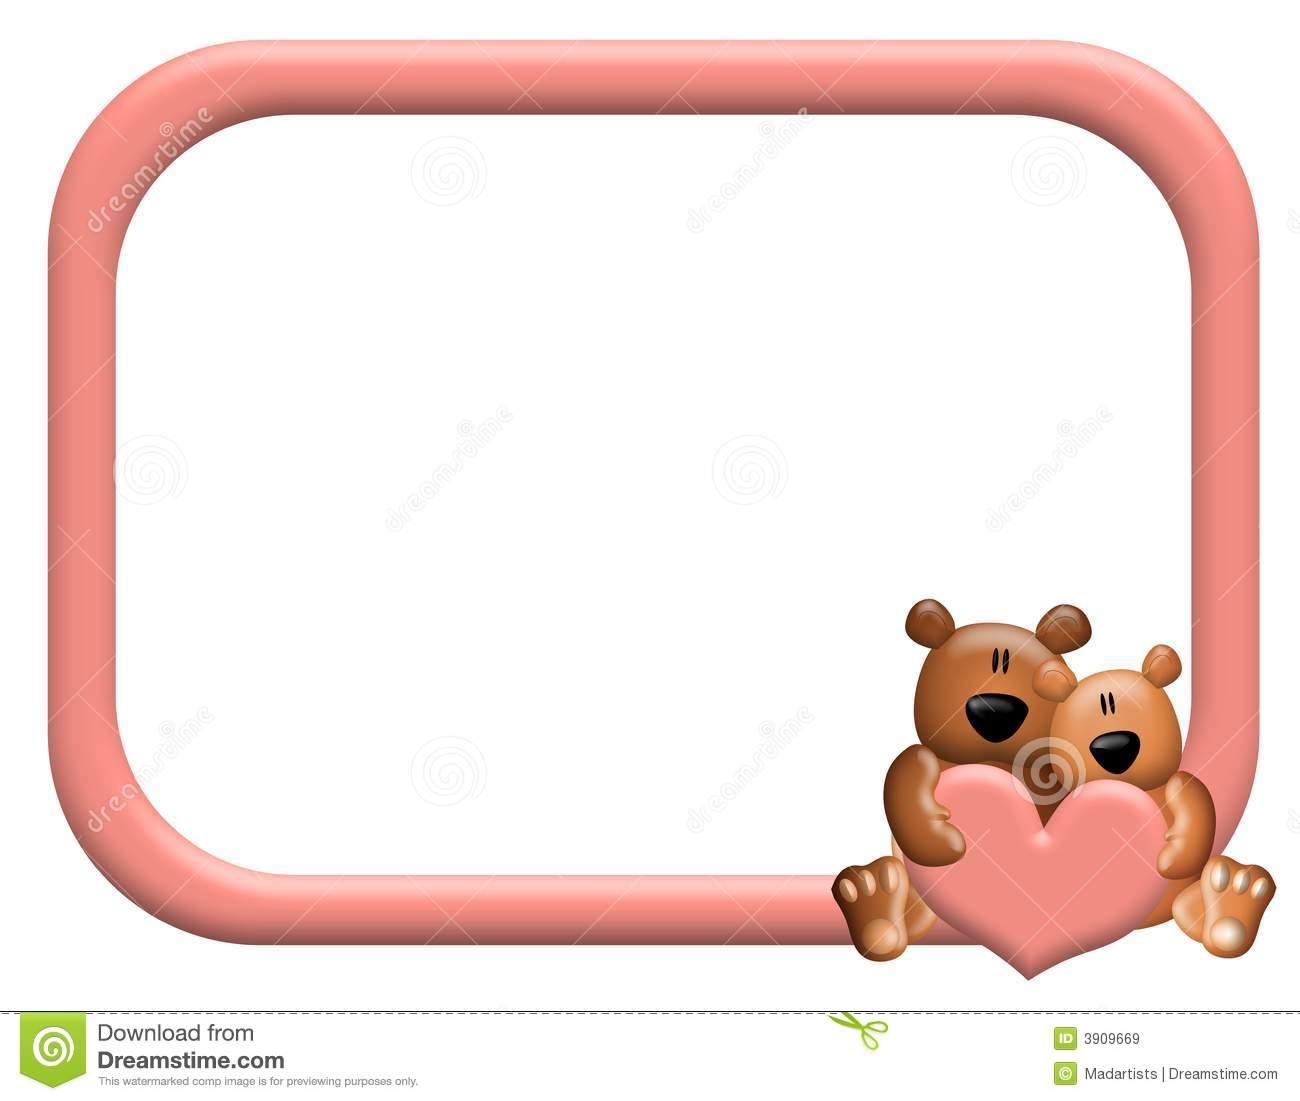 Bear clipart frame Teddy Bear Cute collection Or